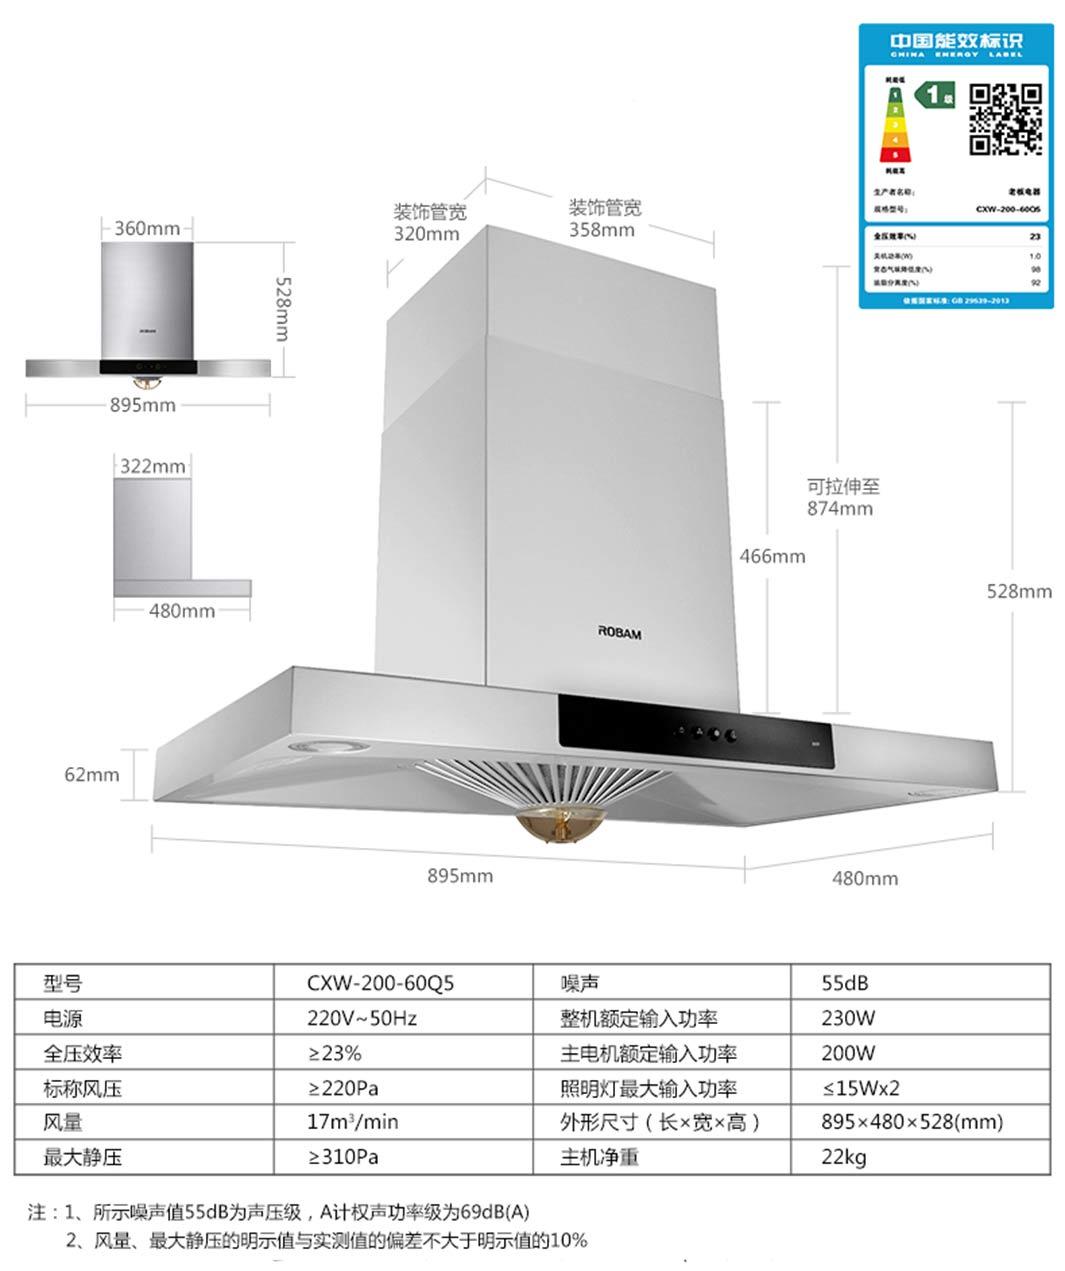 油烟机 CXW-200-60Q5